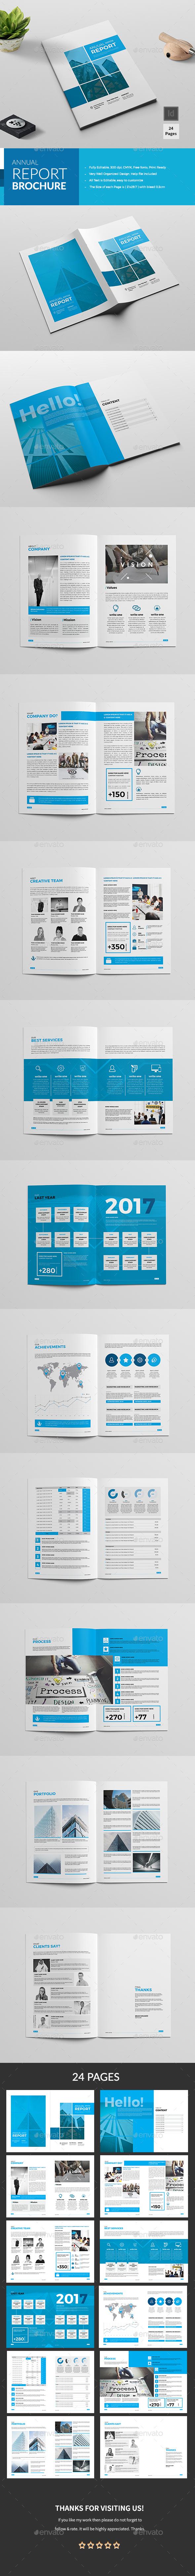 GraphicRiver Annual Report Brochure 20775537